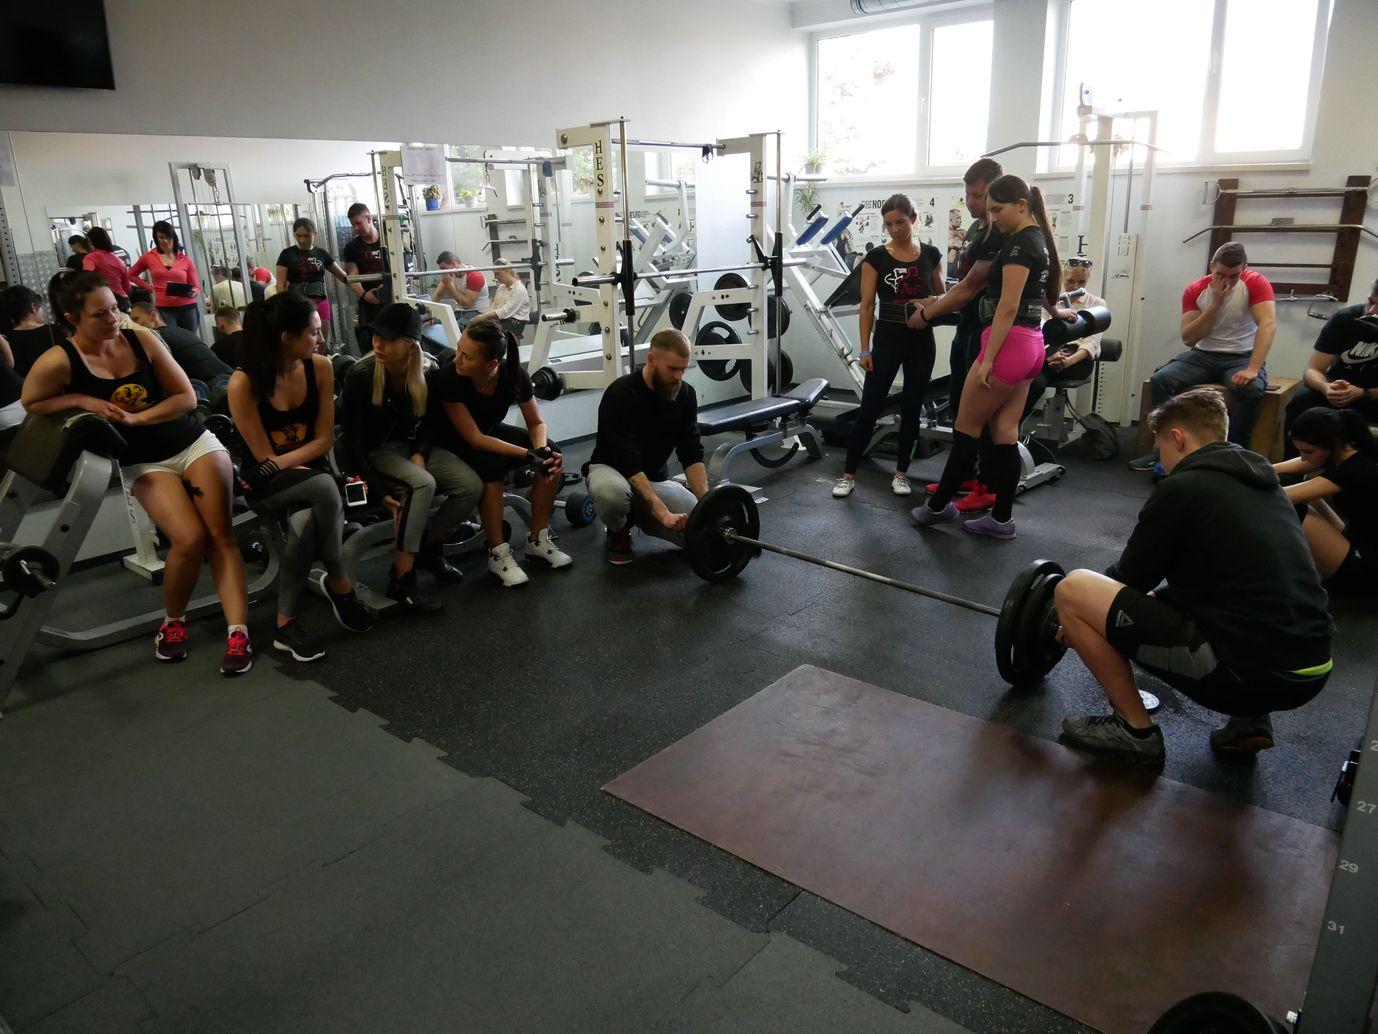 Zawody Martwy Ciąg Pleszew Fitness Klub Active Fit ul. Traugutta 30 siłownia trening personalny 19